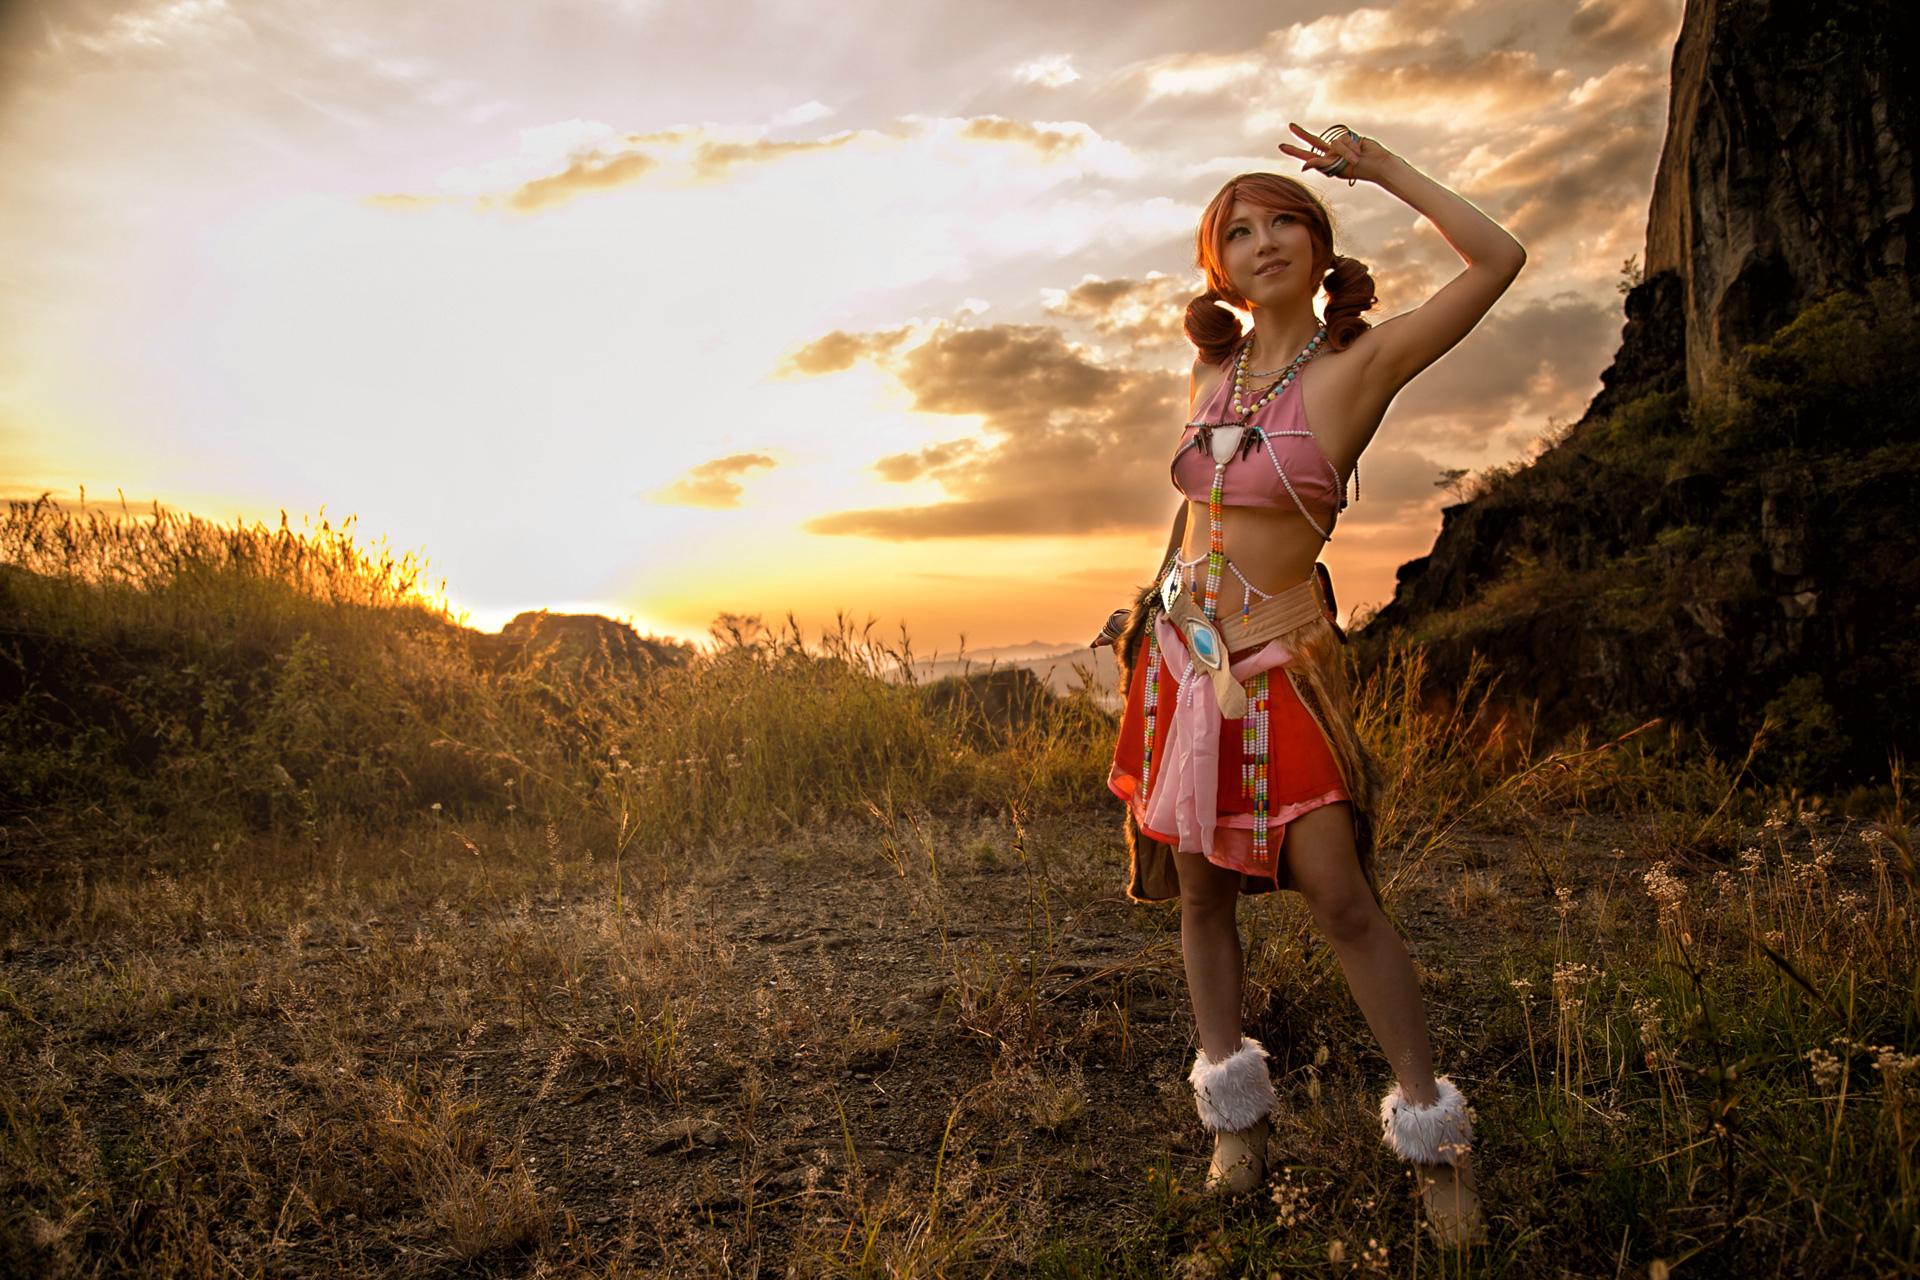 ファイナルファンタジー13:ヲルバ=ダイア・ヴァニラ コスプレイヤー:Asukaさん